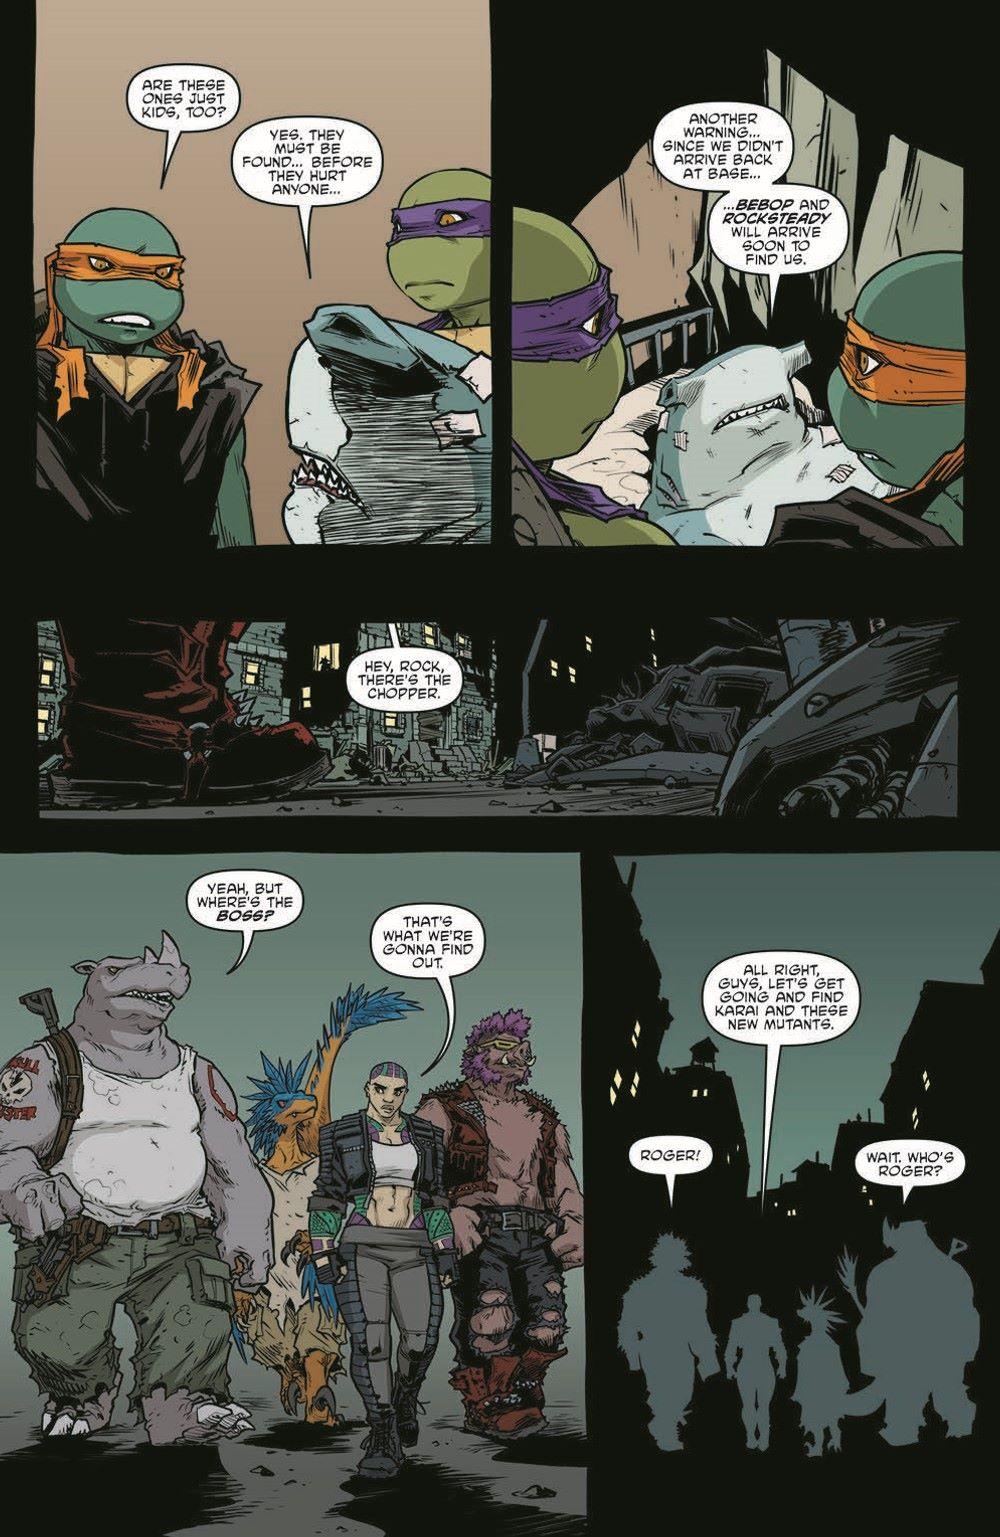 TMNT114_pr-5 ComicList Previews: TEENAGE MUTANT NINJA TURTLES #114